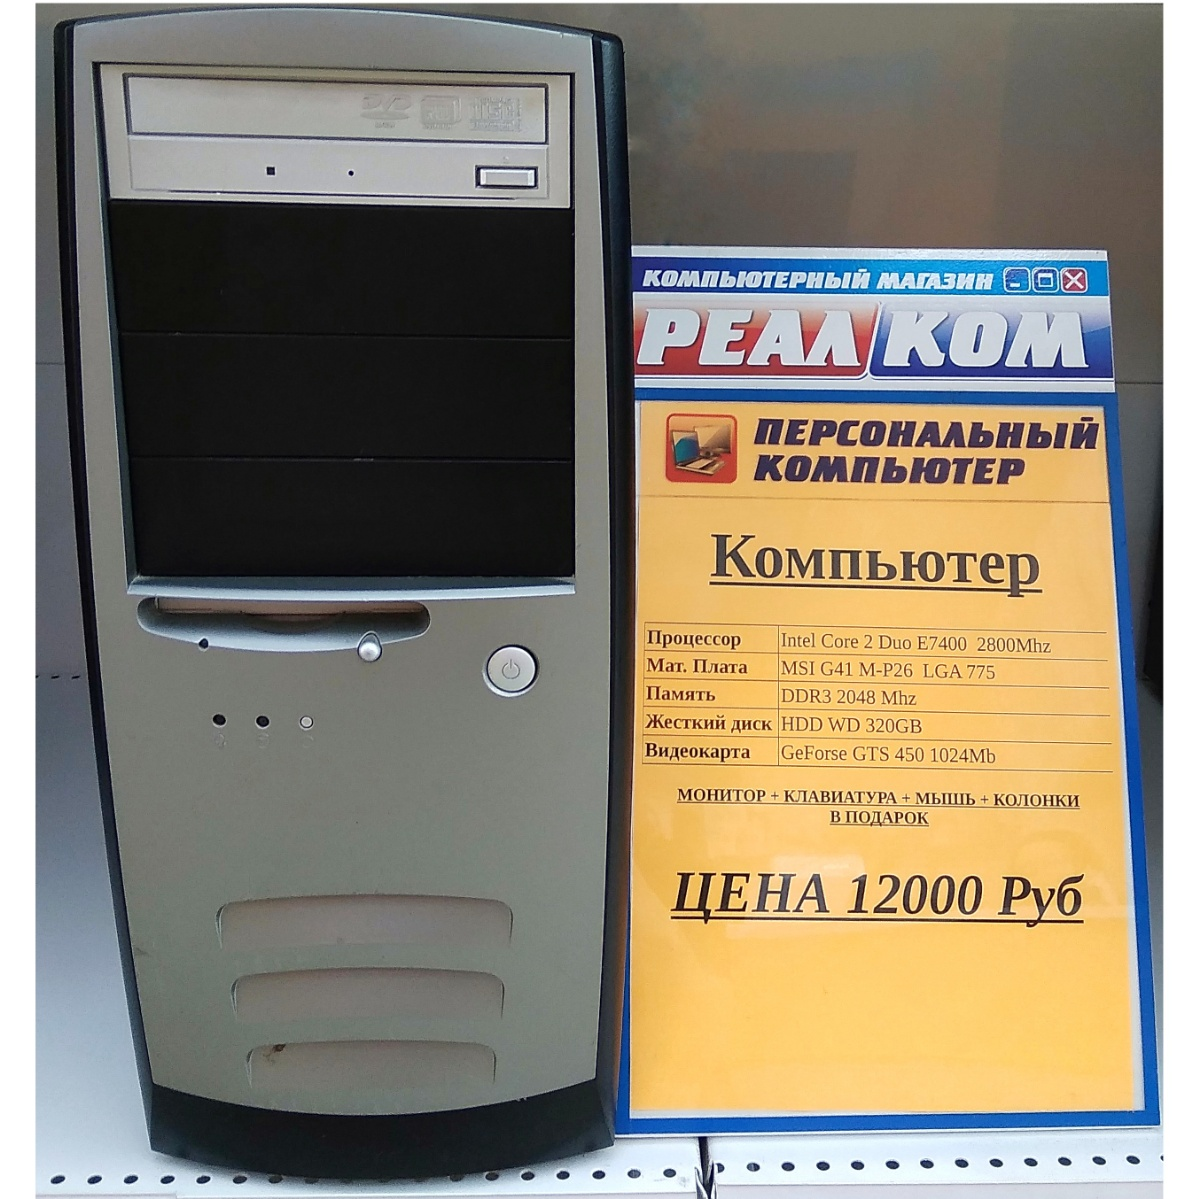 Компьютер, полная сборка